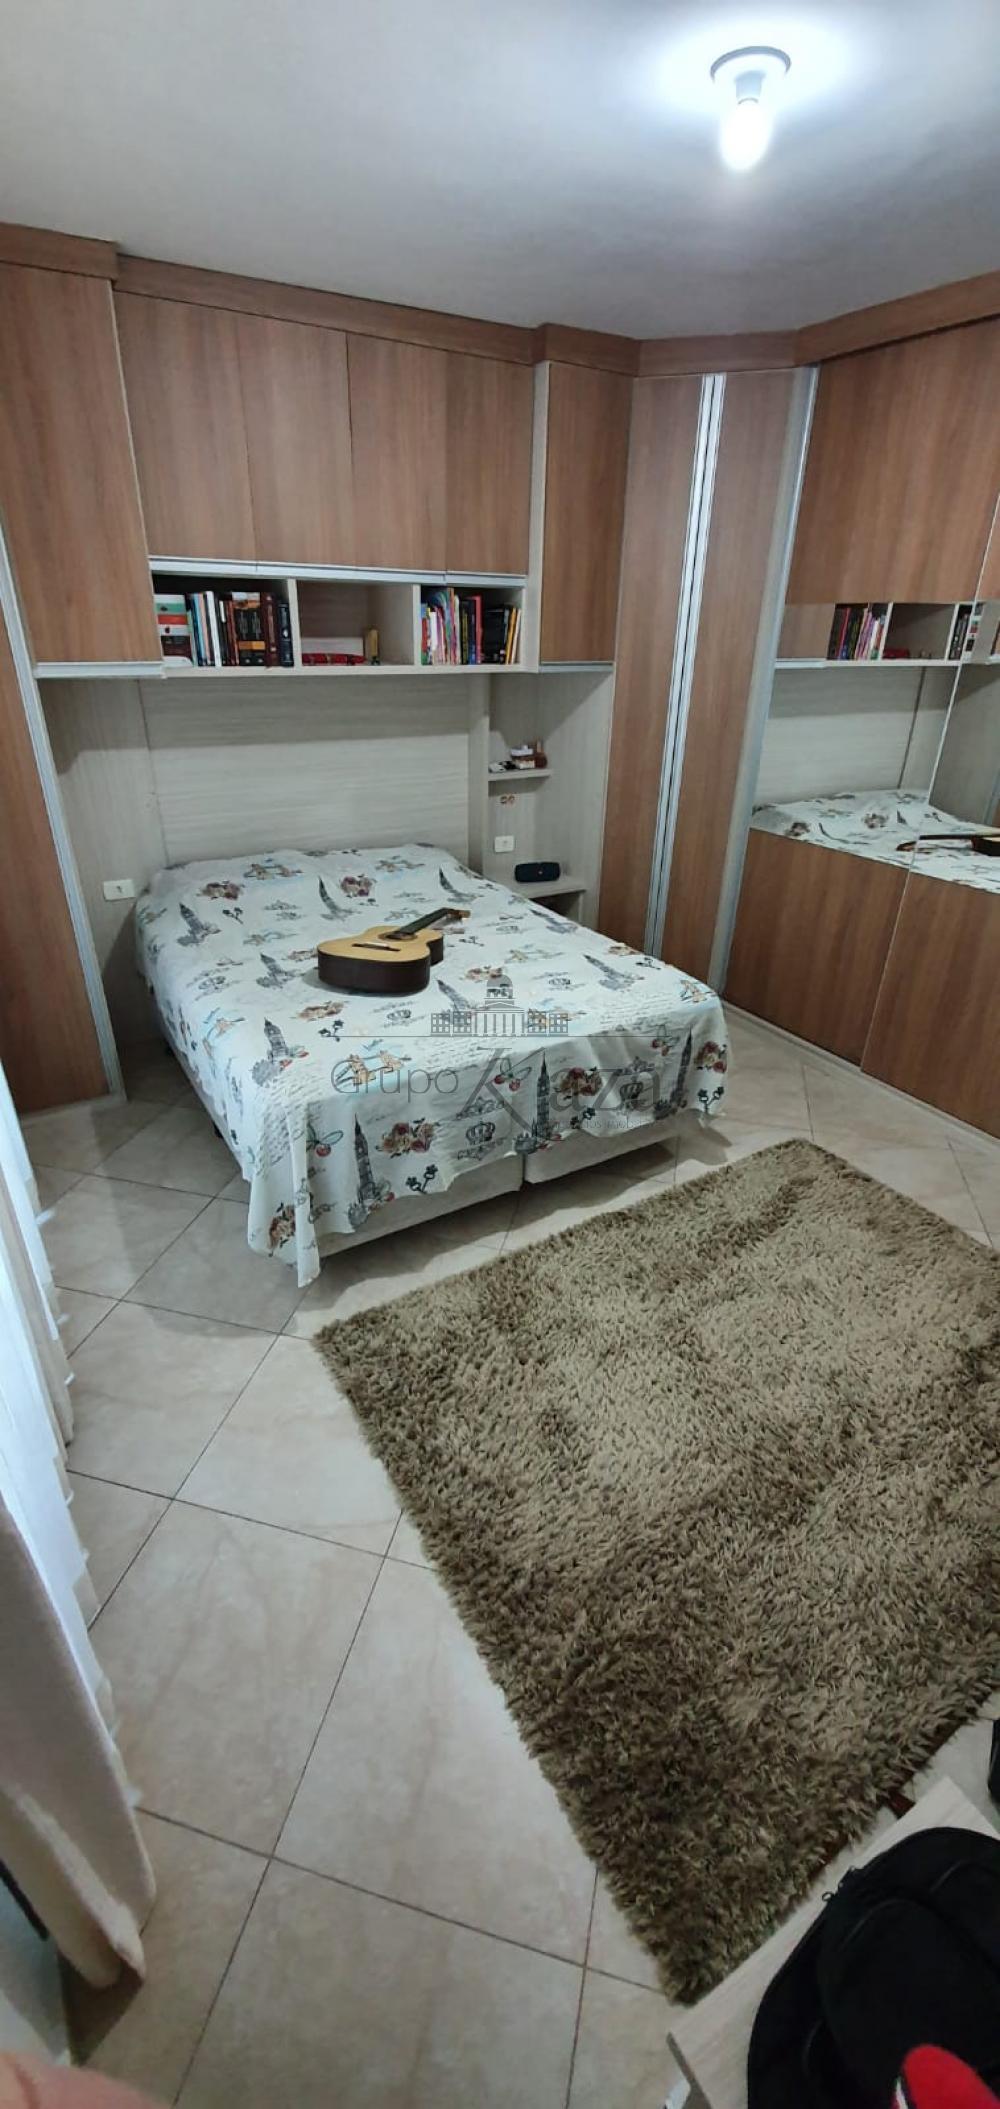 alt='Comprar Casa / Sobrado em São José dos Campos R$ 330.000,00 - Foto 6' title='Comprar Casa / Sobrado em São José dos Campos R$ 330.000,00 - Foto 6'